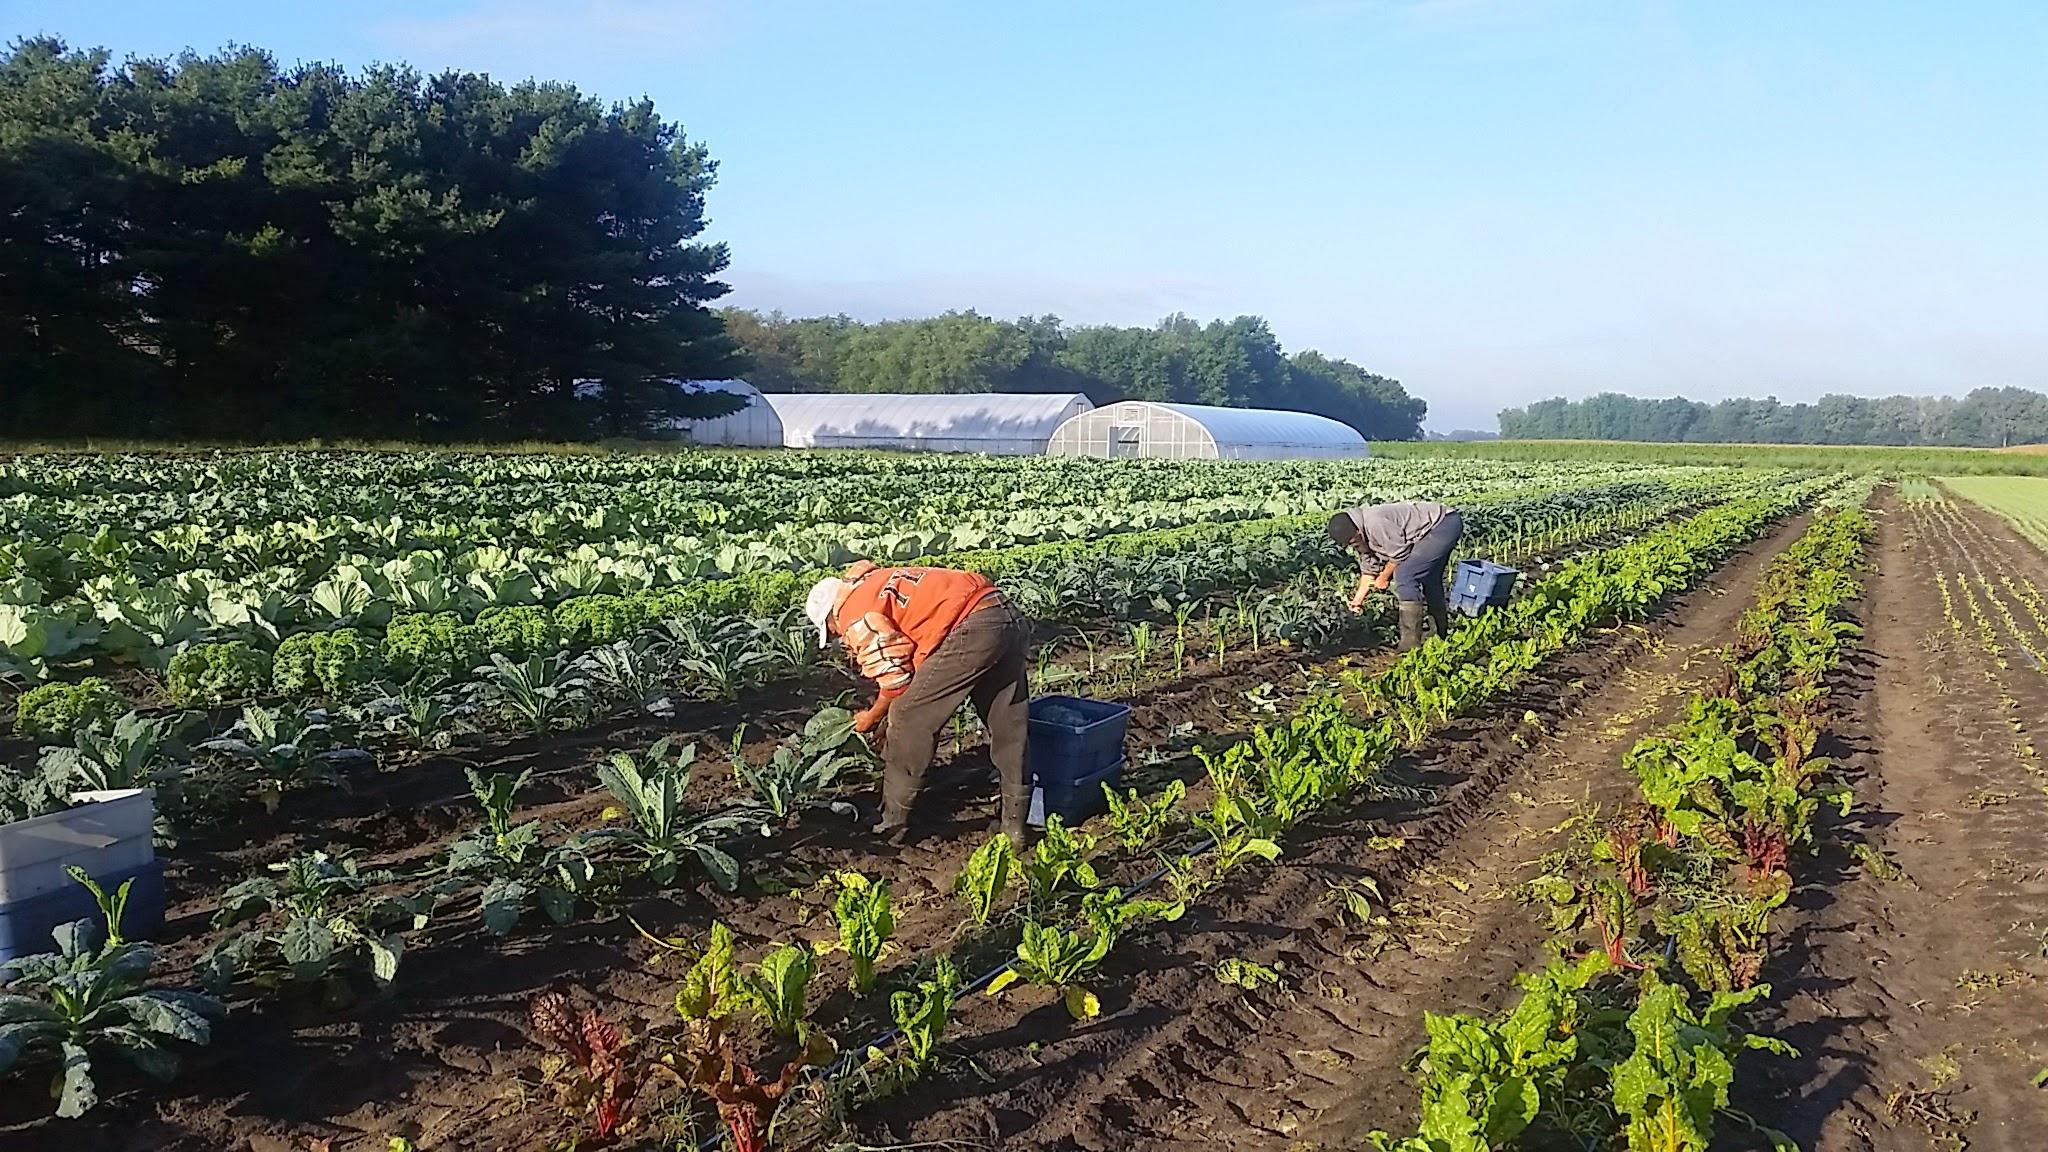 Harvesting Lacinato Kale